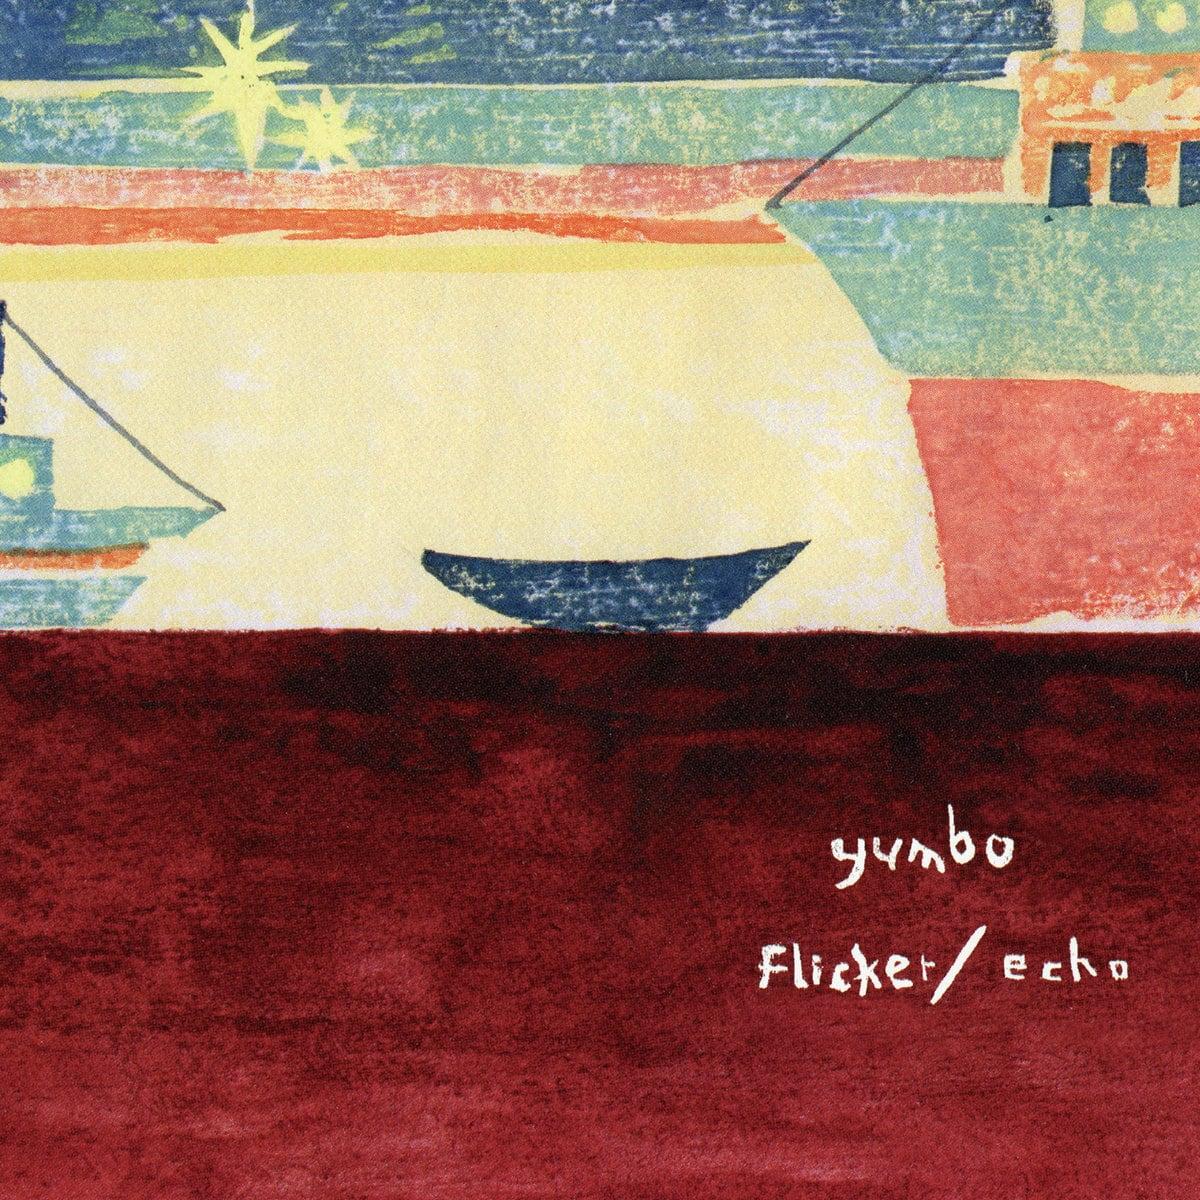 yumbo - 明滅と反響 (CD)